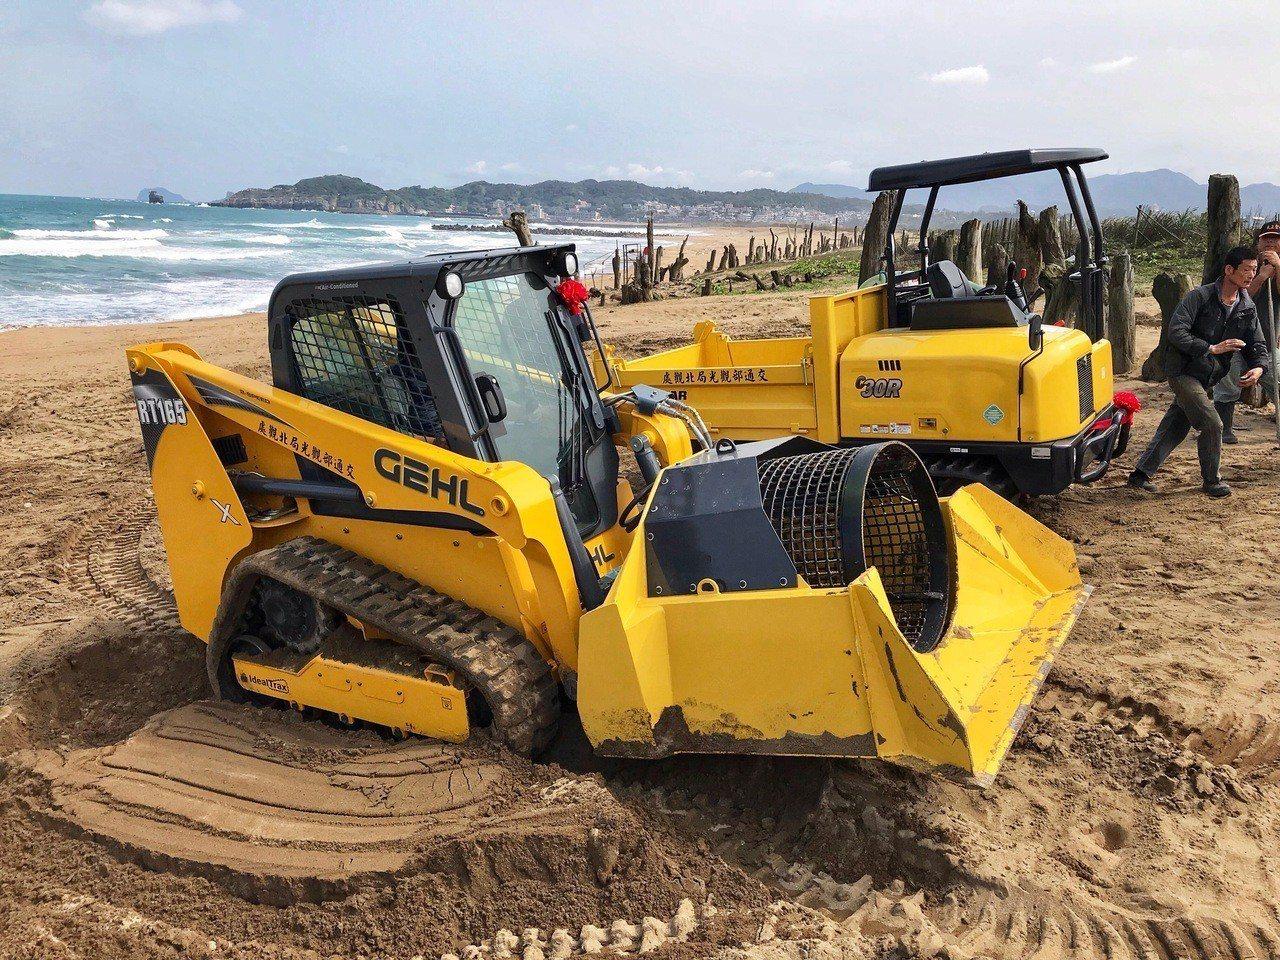 交通部觀光局北觀處近日購置一組履帶式鏟裝車、搬運車,是沙灘好幫手,今天下午在北海...